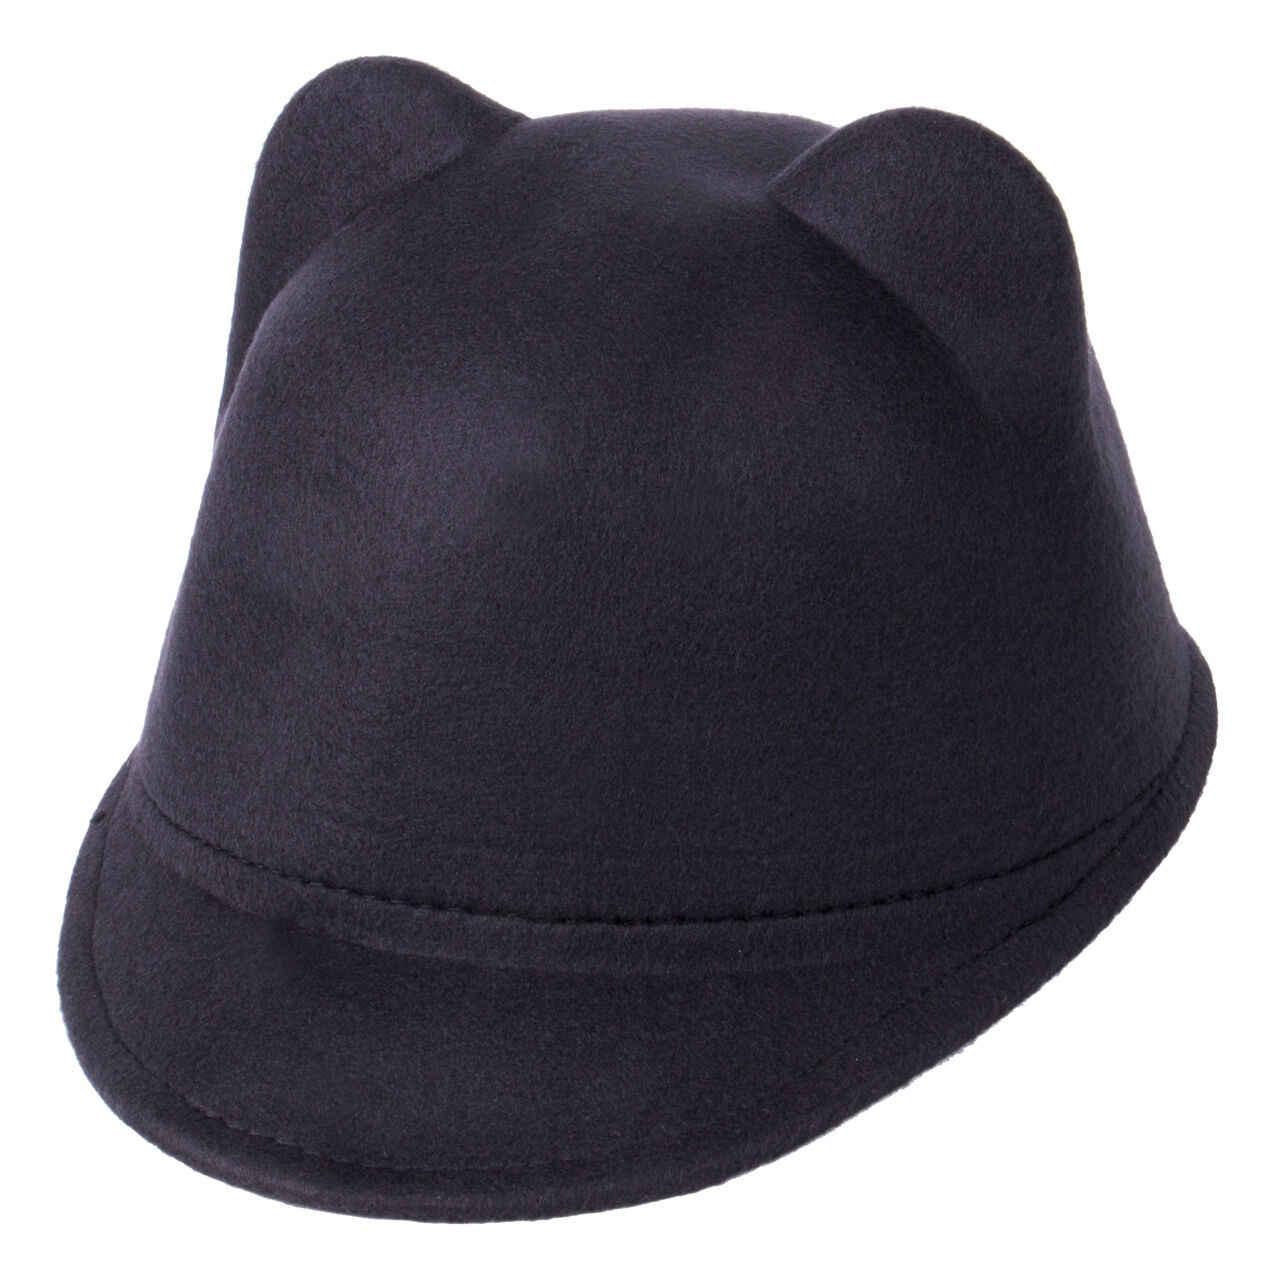 Sıcak satış katı kış sıcak çocuklar bebek kız kedi kulakları yün Derby Bowler kap 3D kulaklar Vintage kostüm oynamak kasketli şapka kap